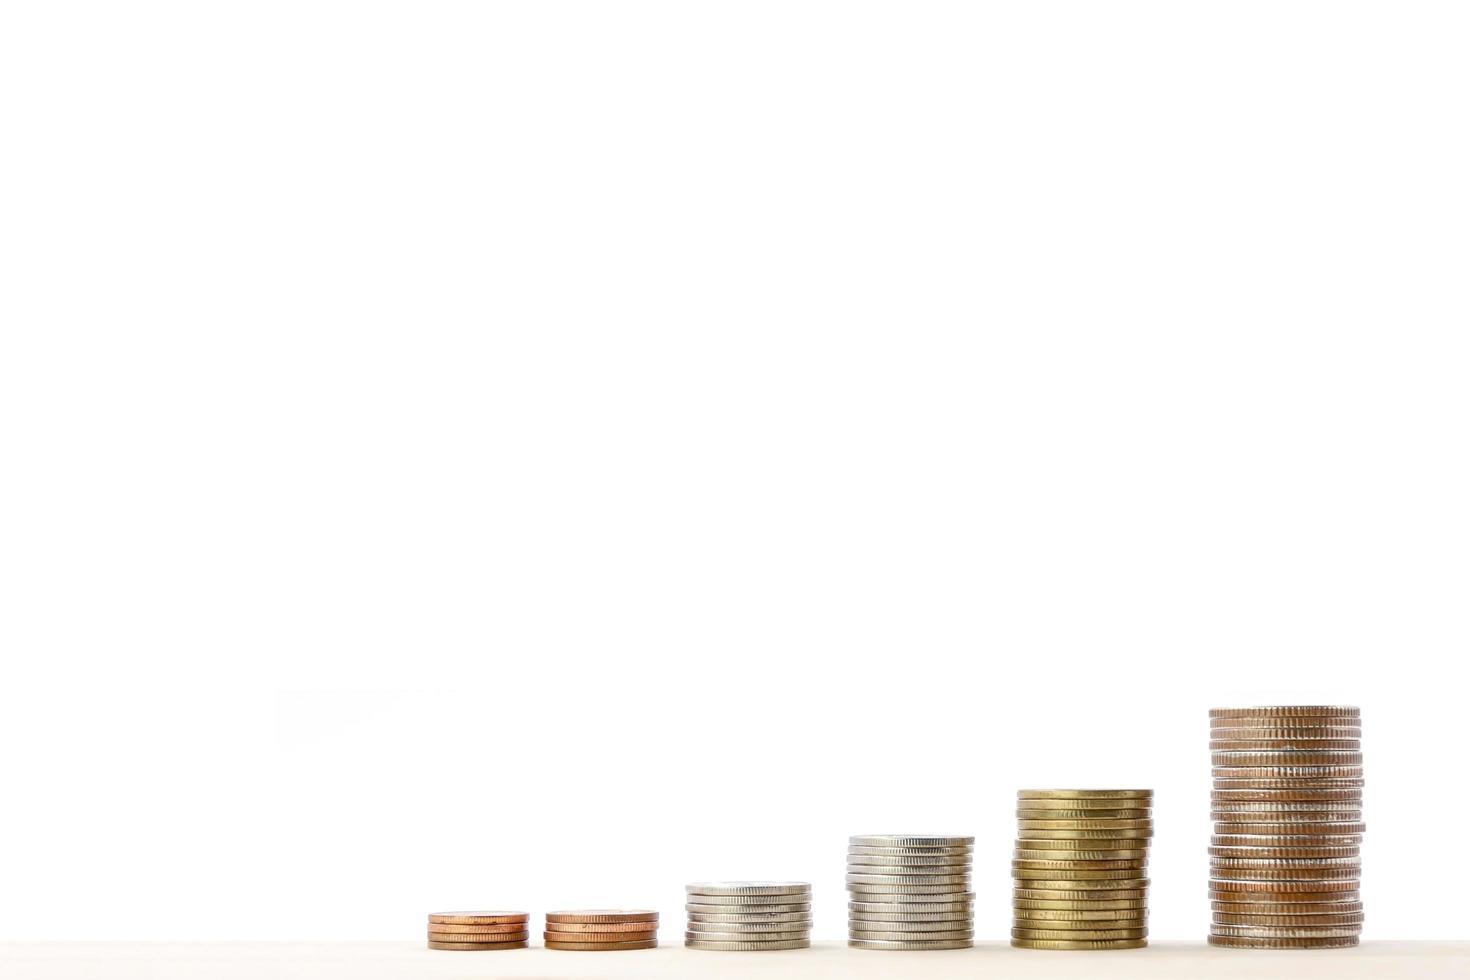 pila di monete isolate su priorità bassa bianca. foto